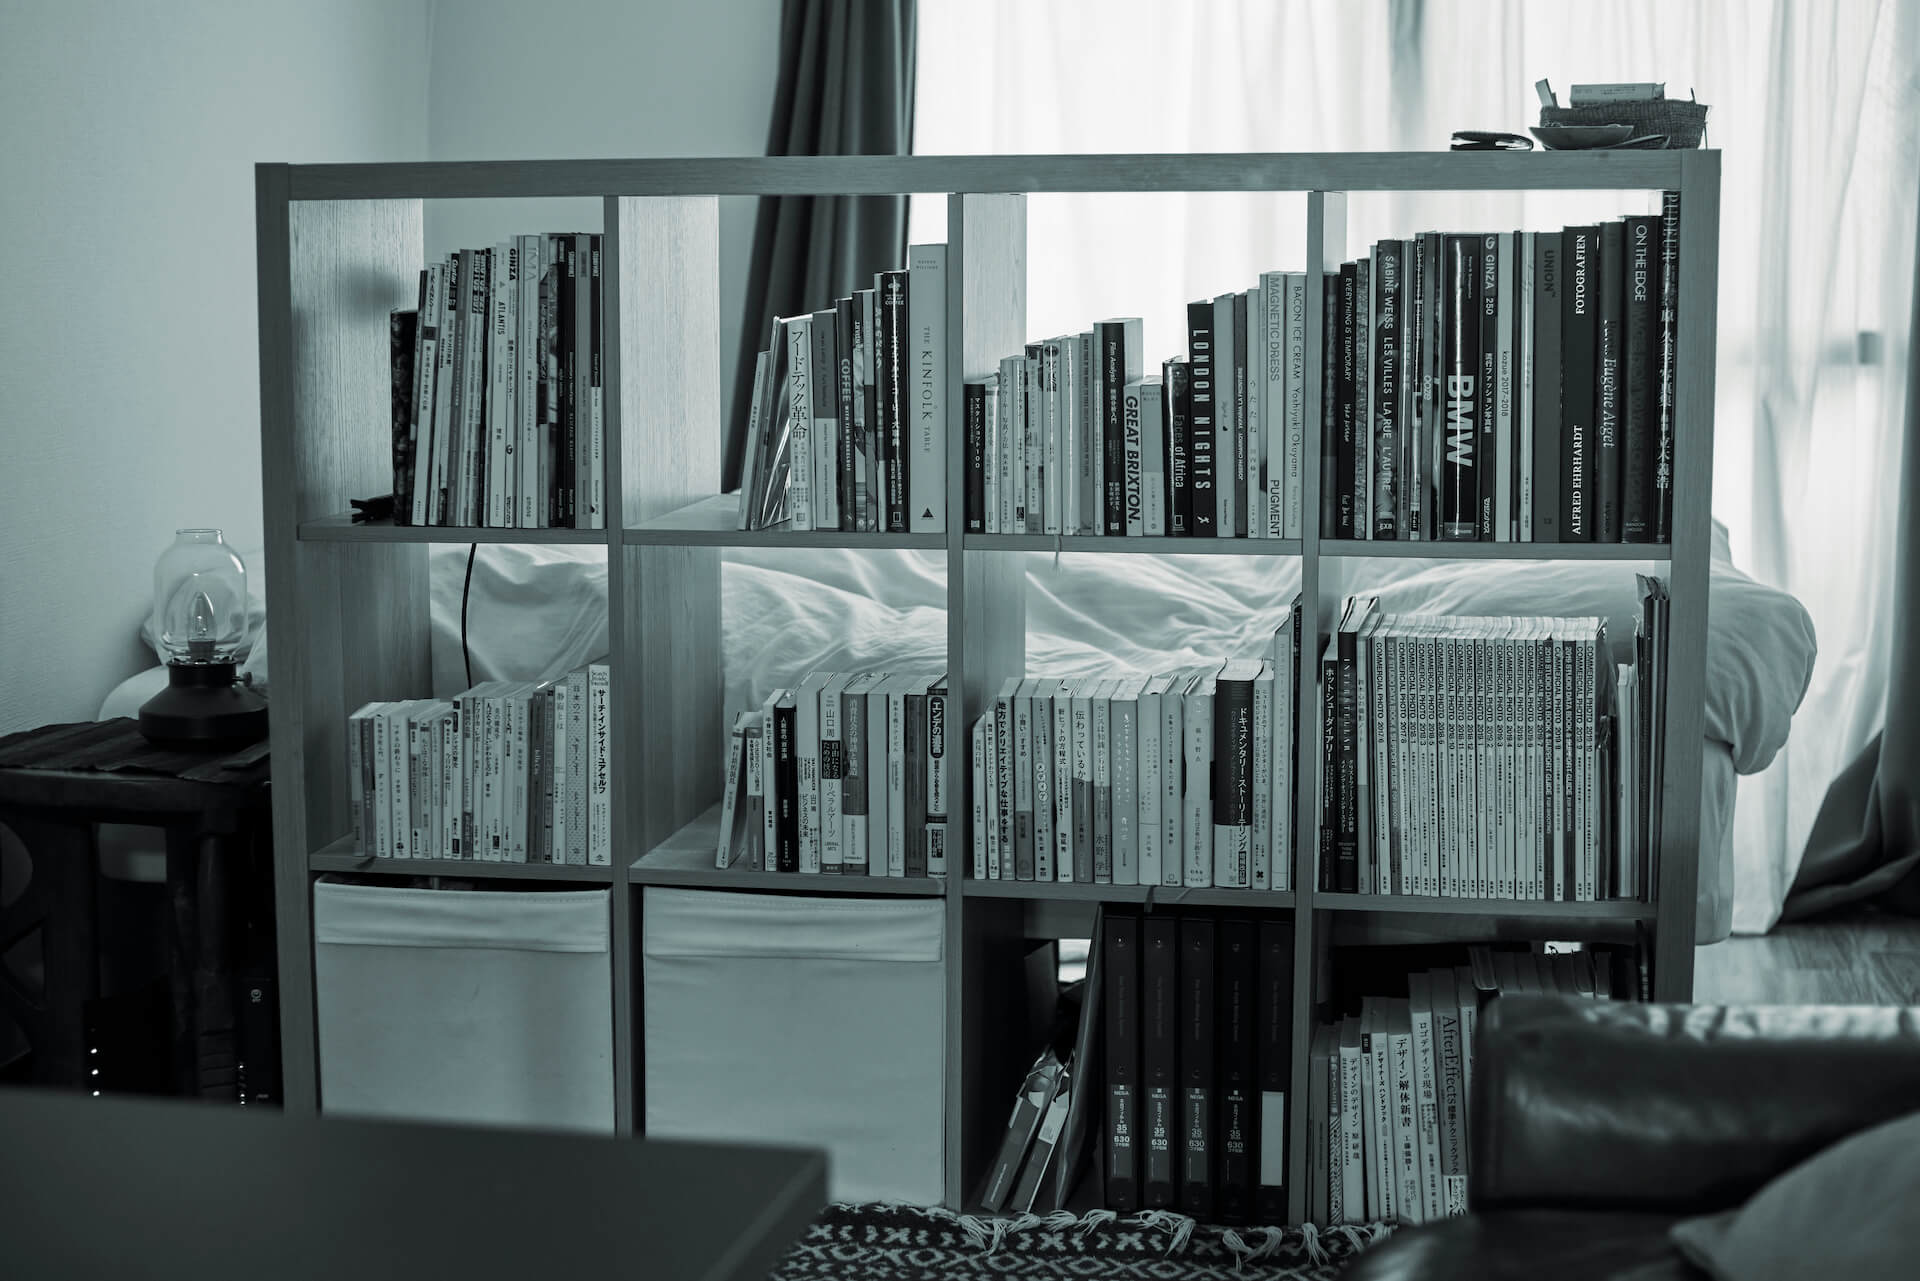 アートブックノススメ:番外編 河澄大吉-『静寂とは』/アーリング・カッゲ:著/田村善進:訳 column210503_artbook-daikichi-kawazumi-04